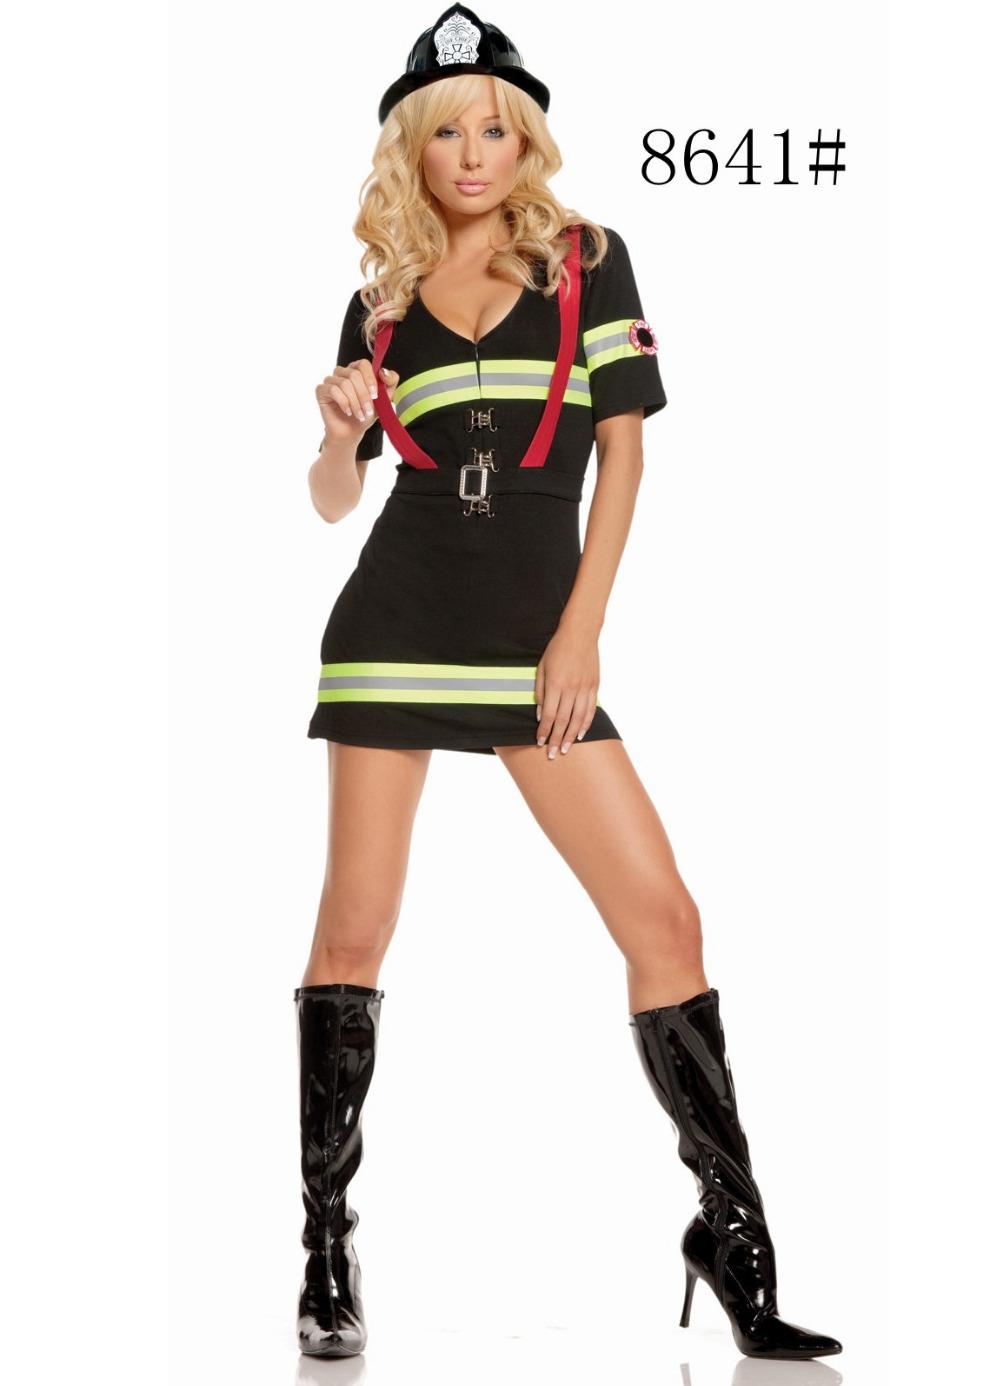 Single firefighters